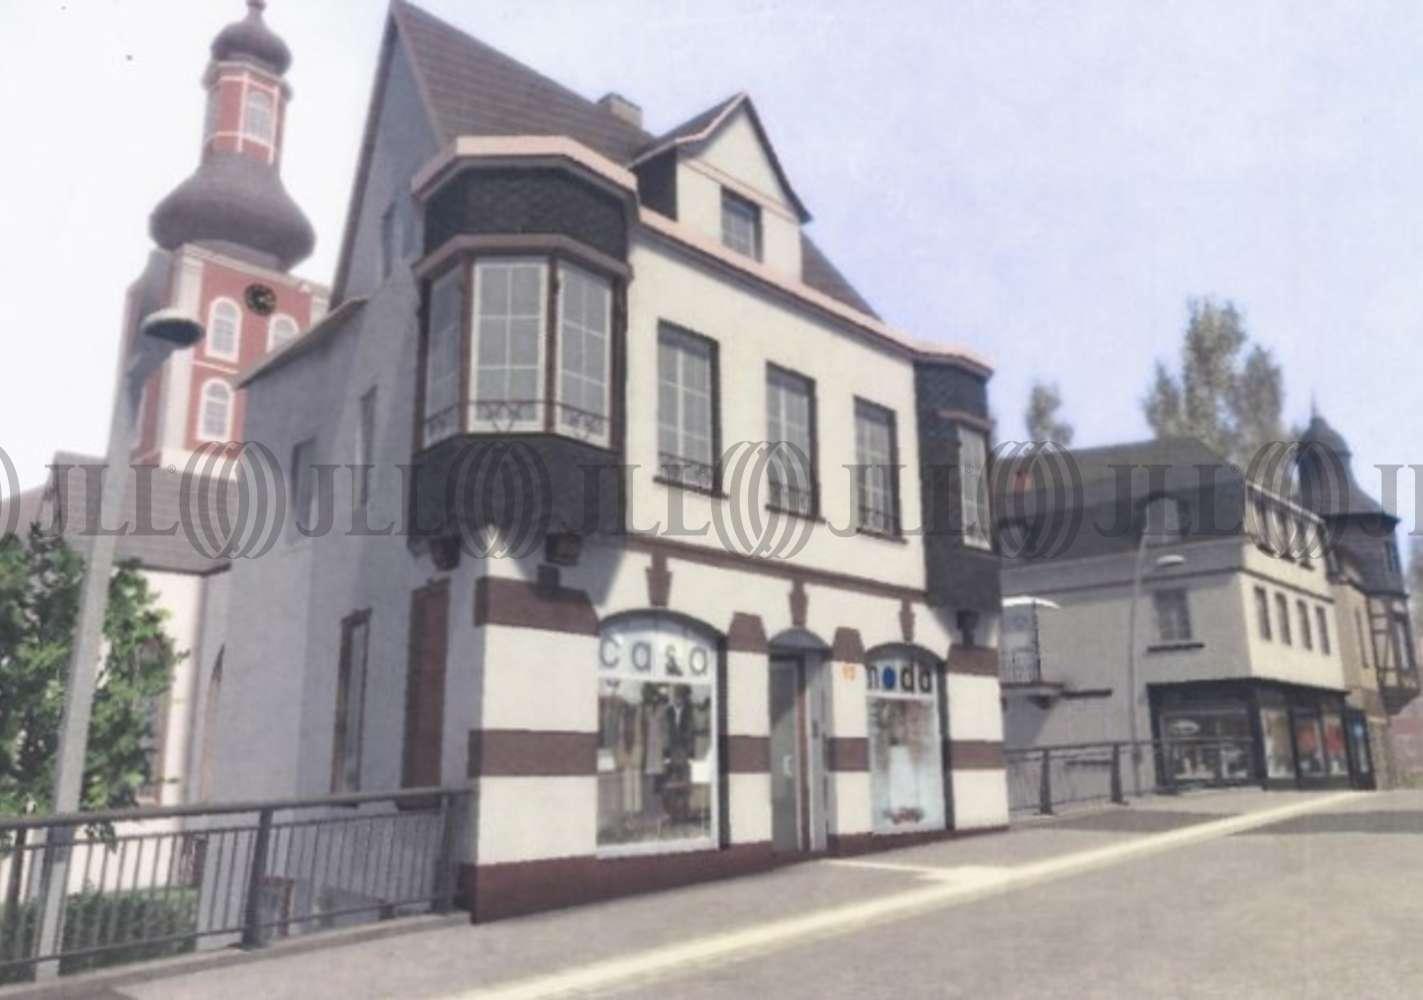 Ladenflächen Bad kreuznach, 55543 - Ladenfläche - Bad Kreuznach, Mitte - E0901 - 9915220